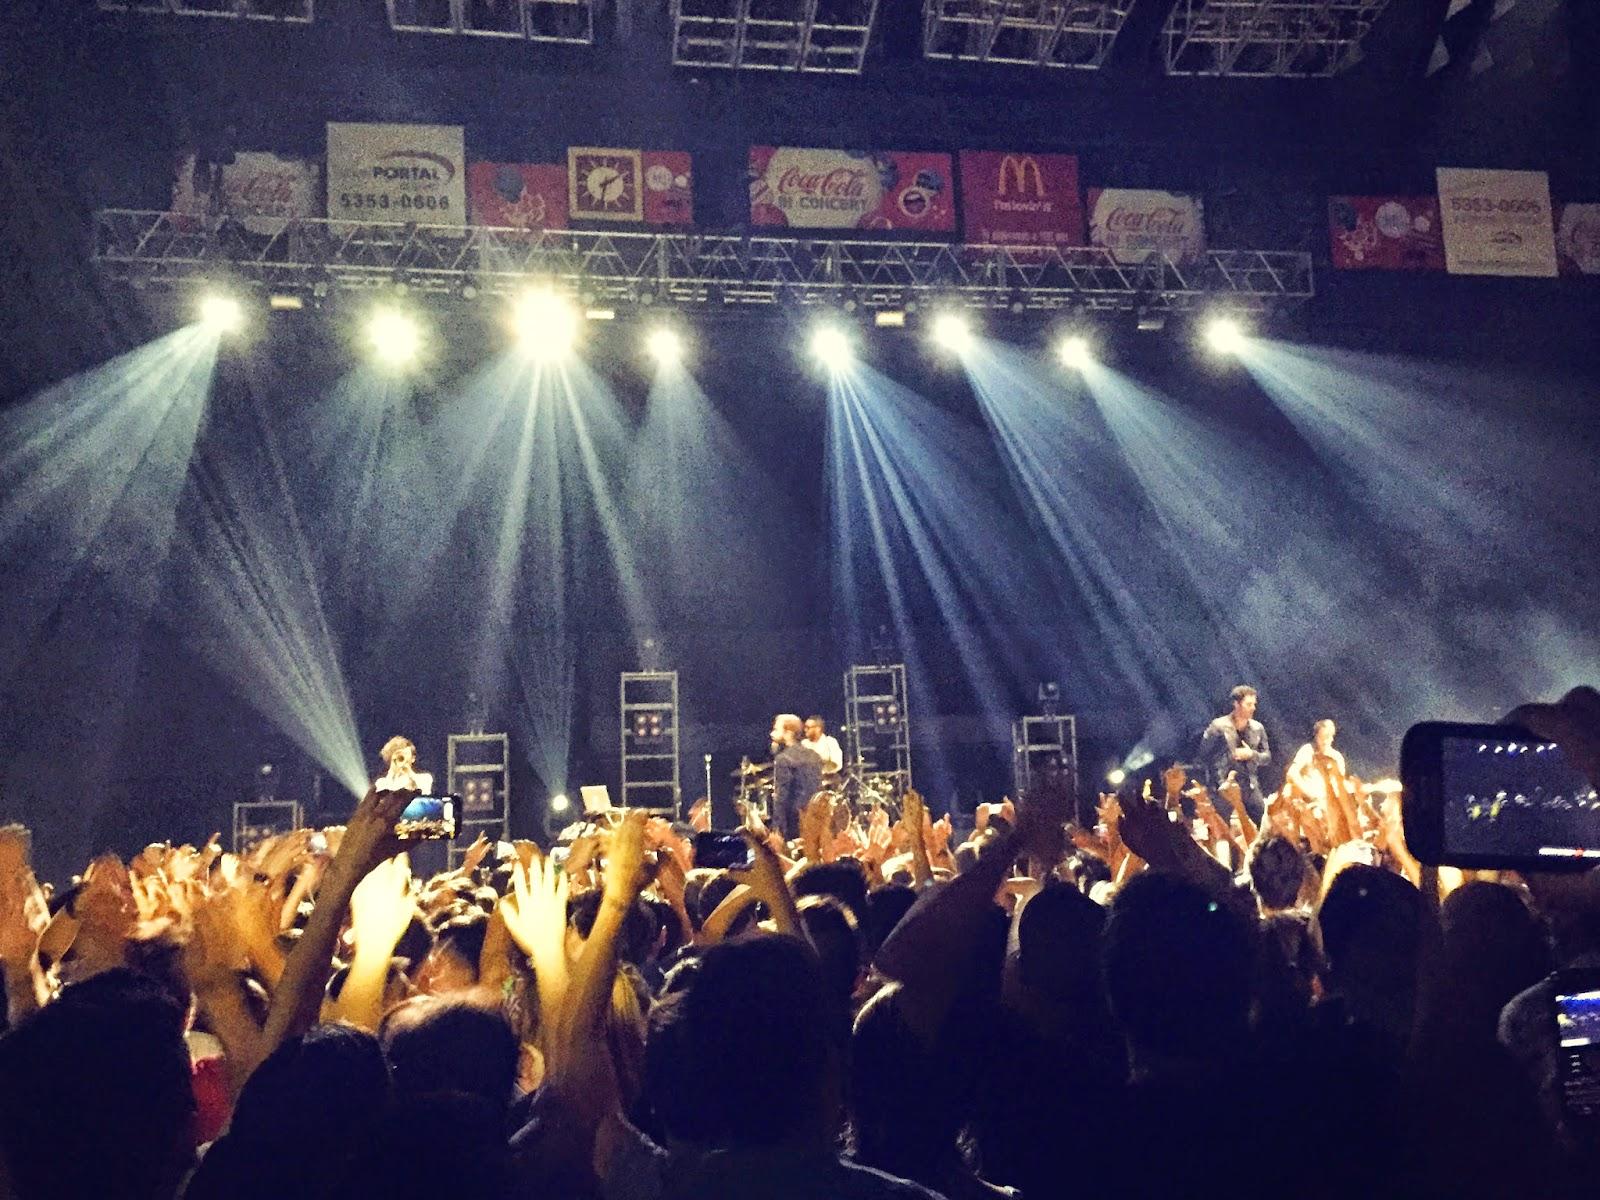 Concierto Capital Cities en el Luna Park en Diciembre 2014